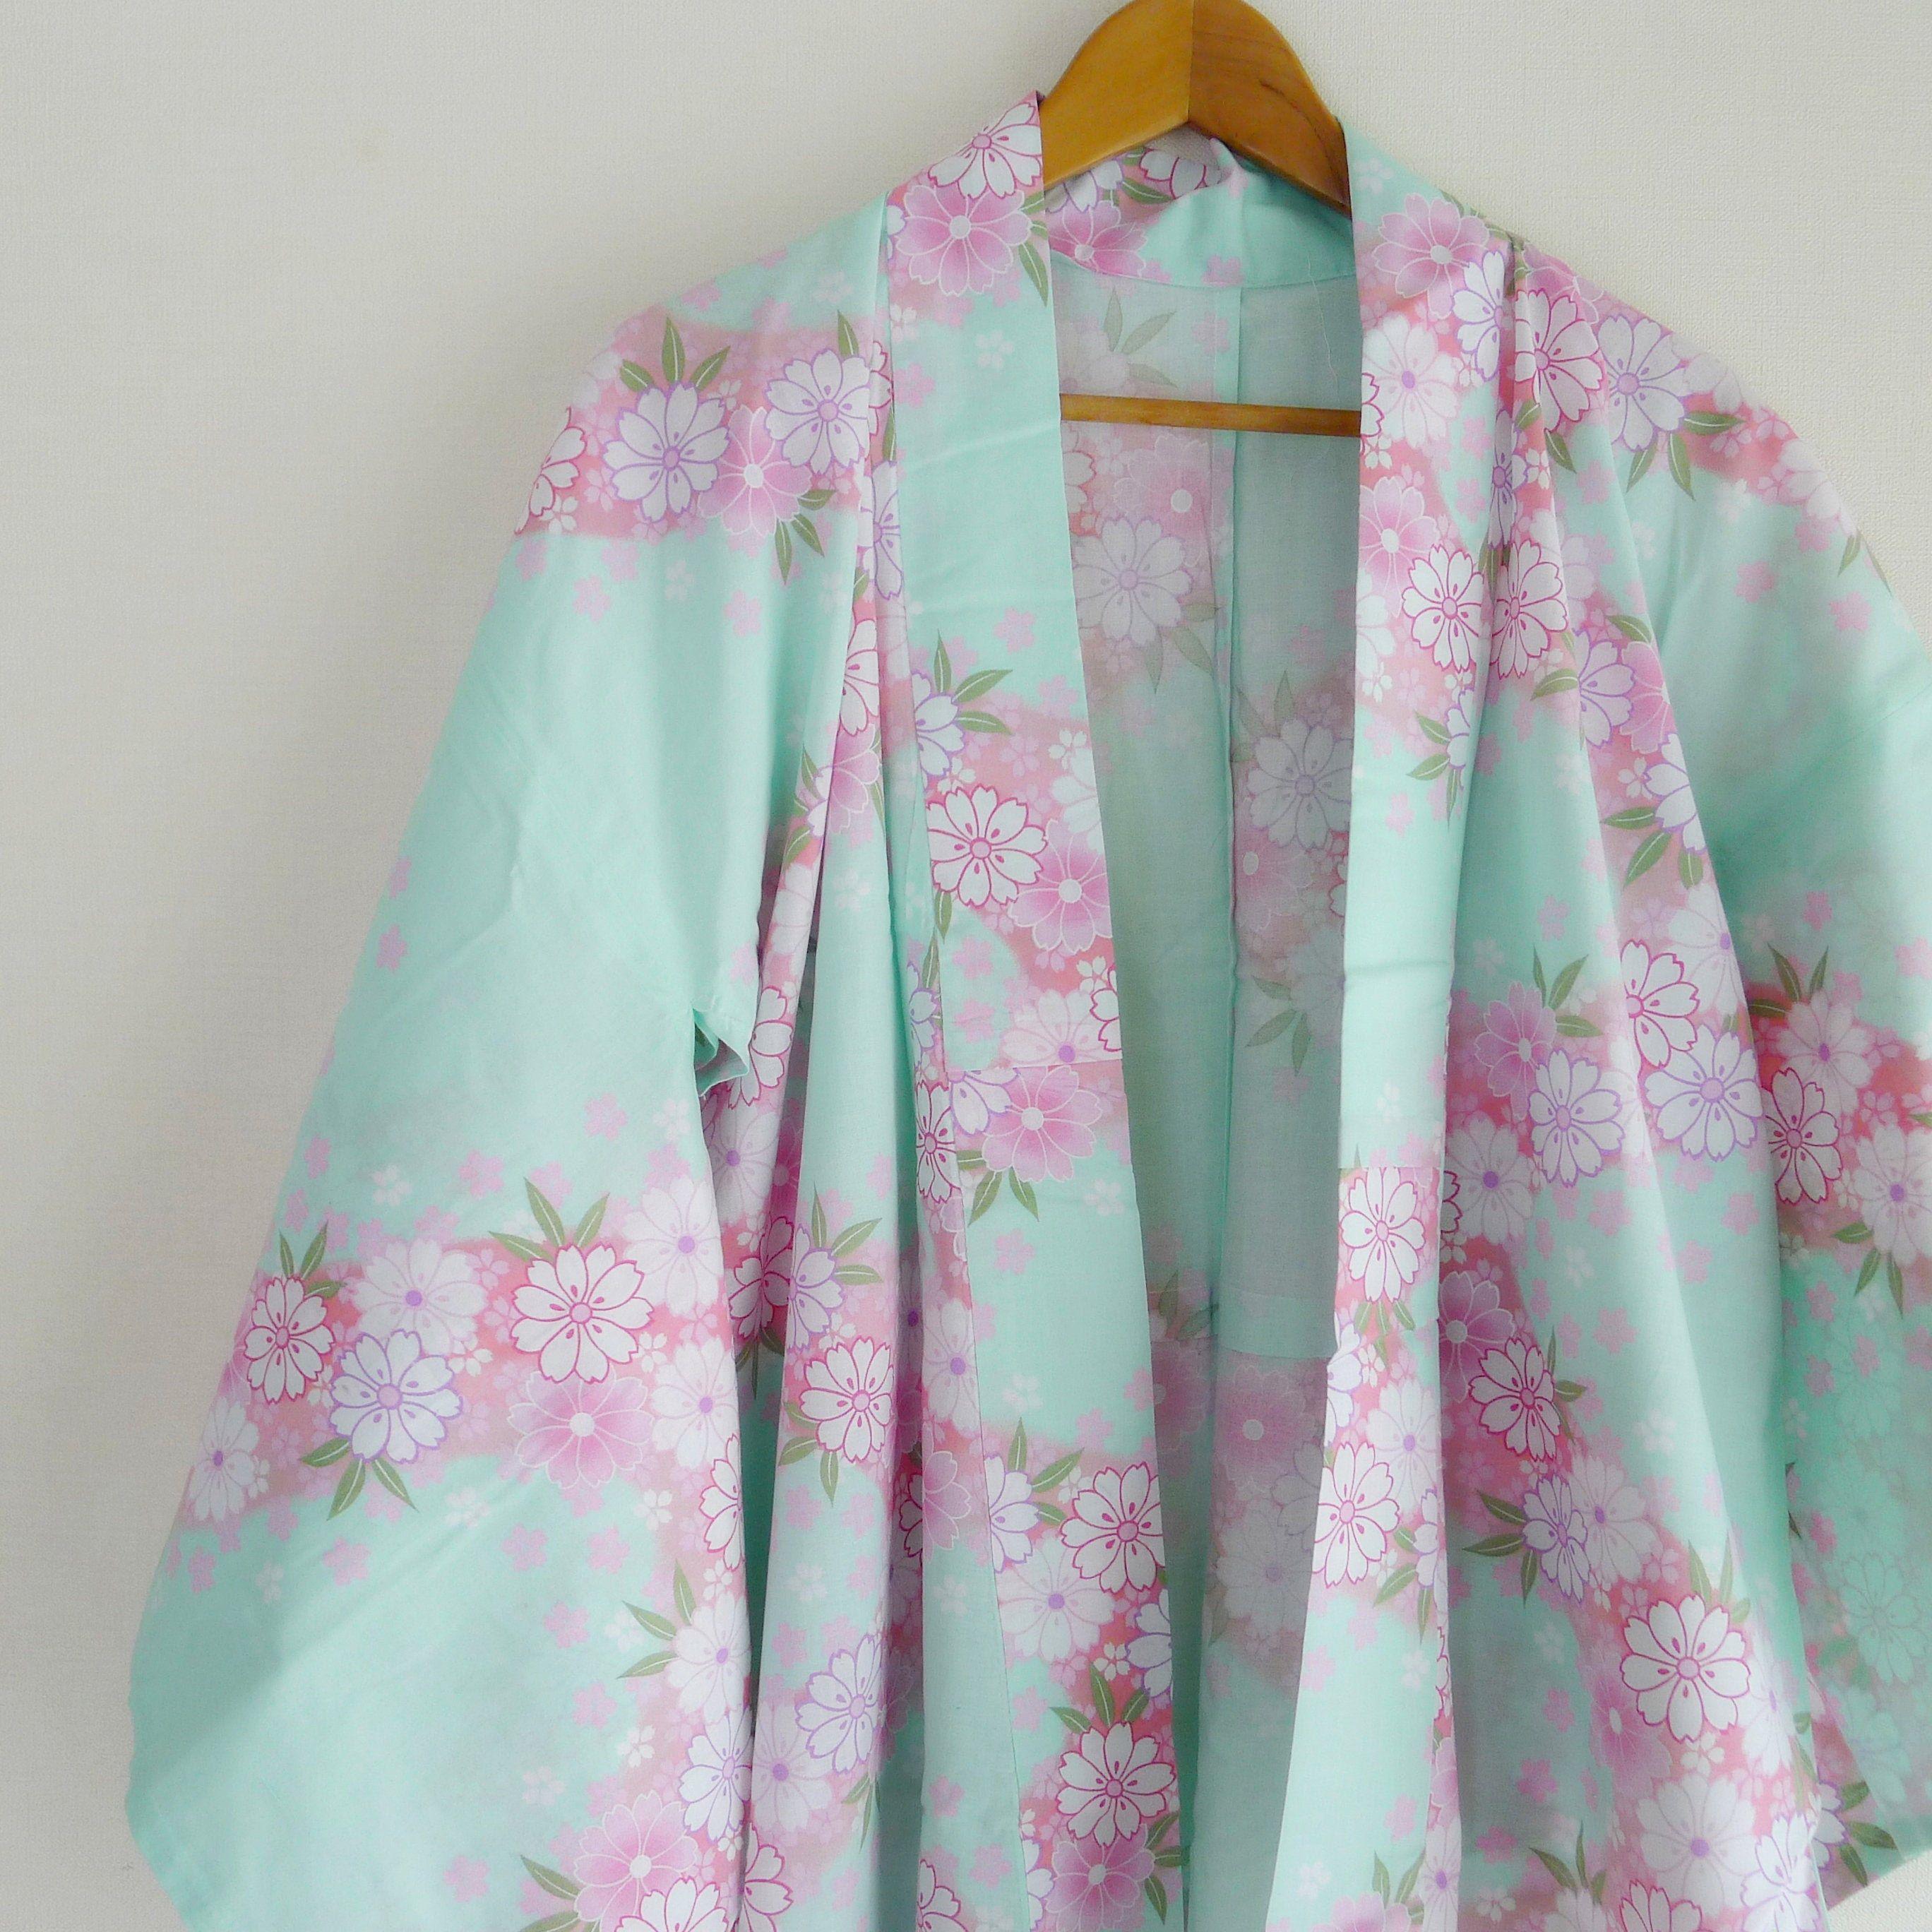 Sakura floral Yukata, cute japanese cotton kimono for